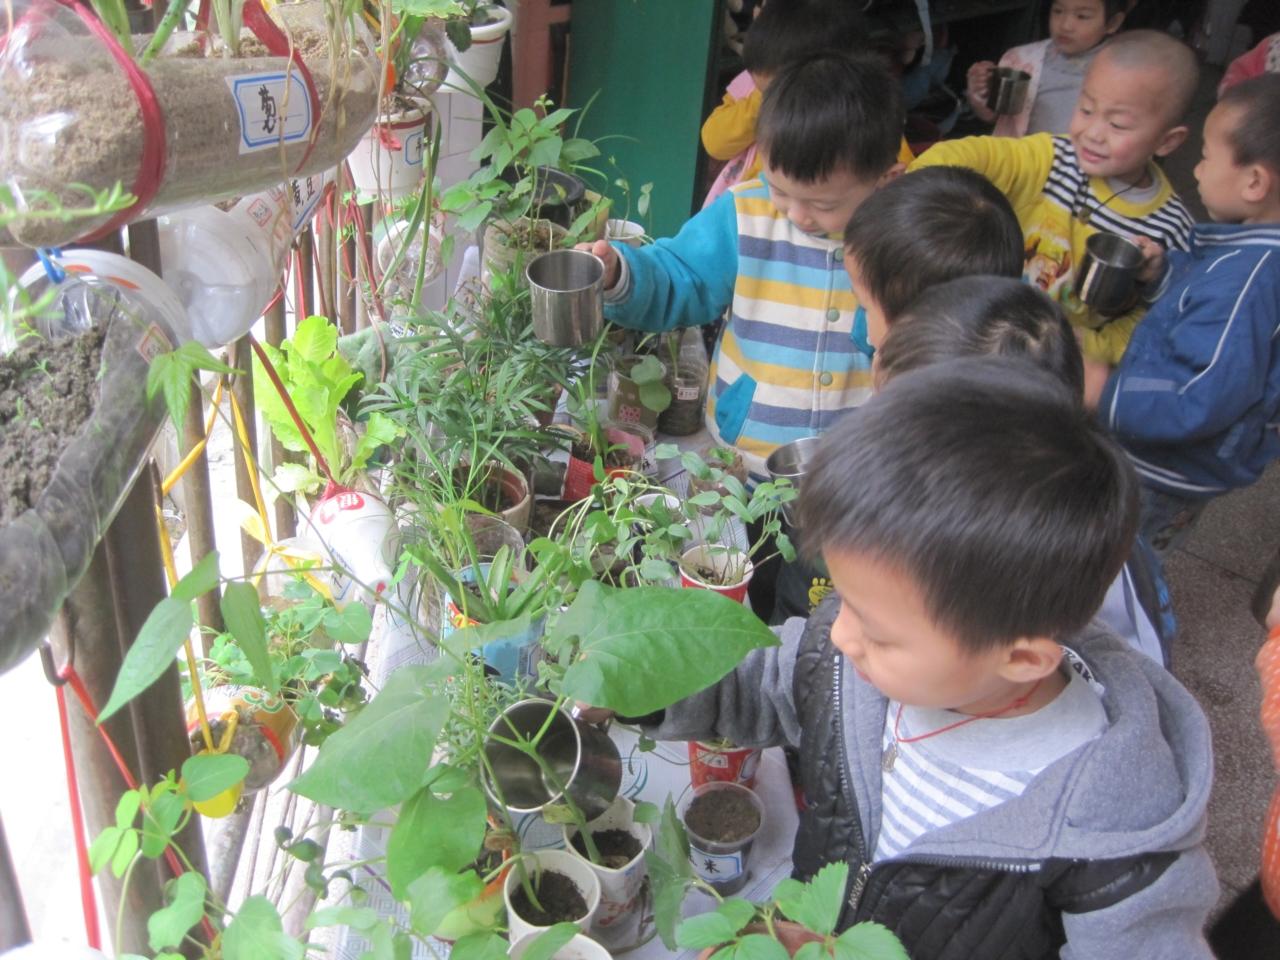 在幼儿园的日常环境布置中